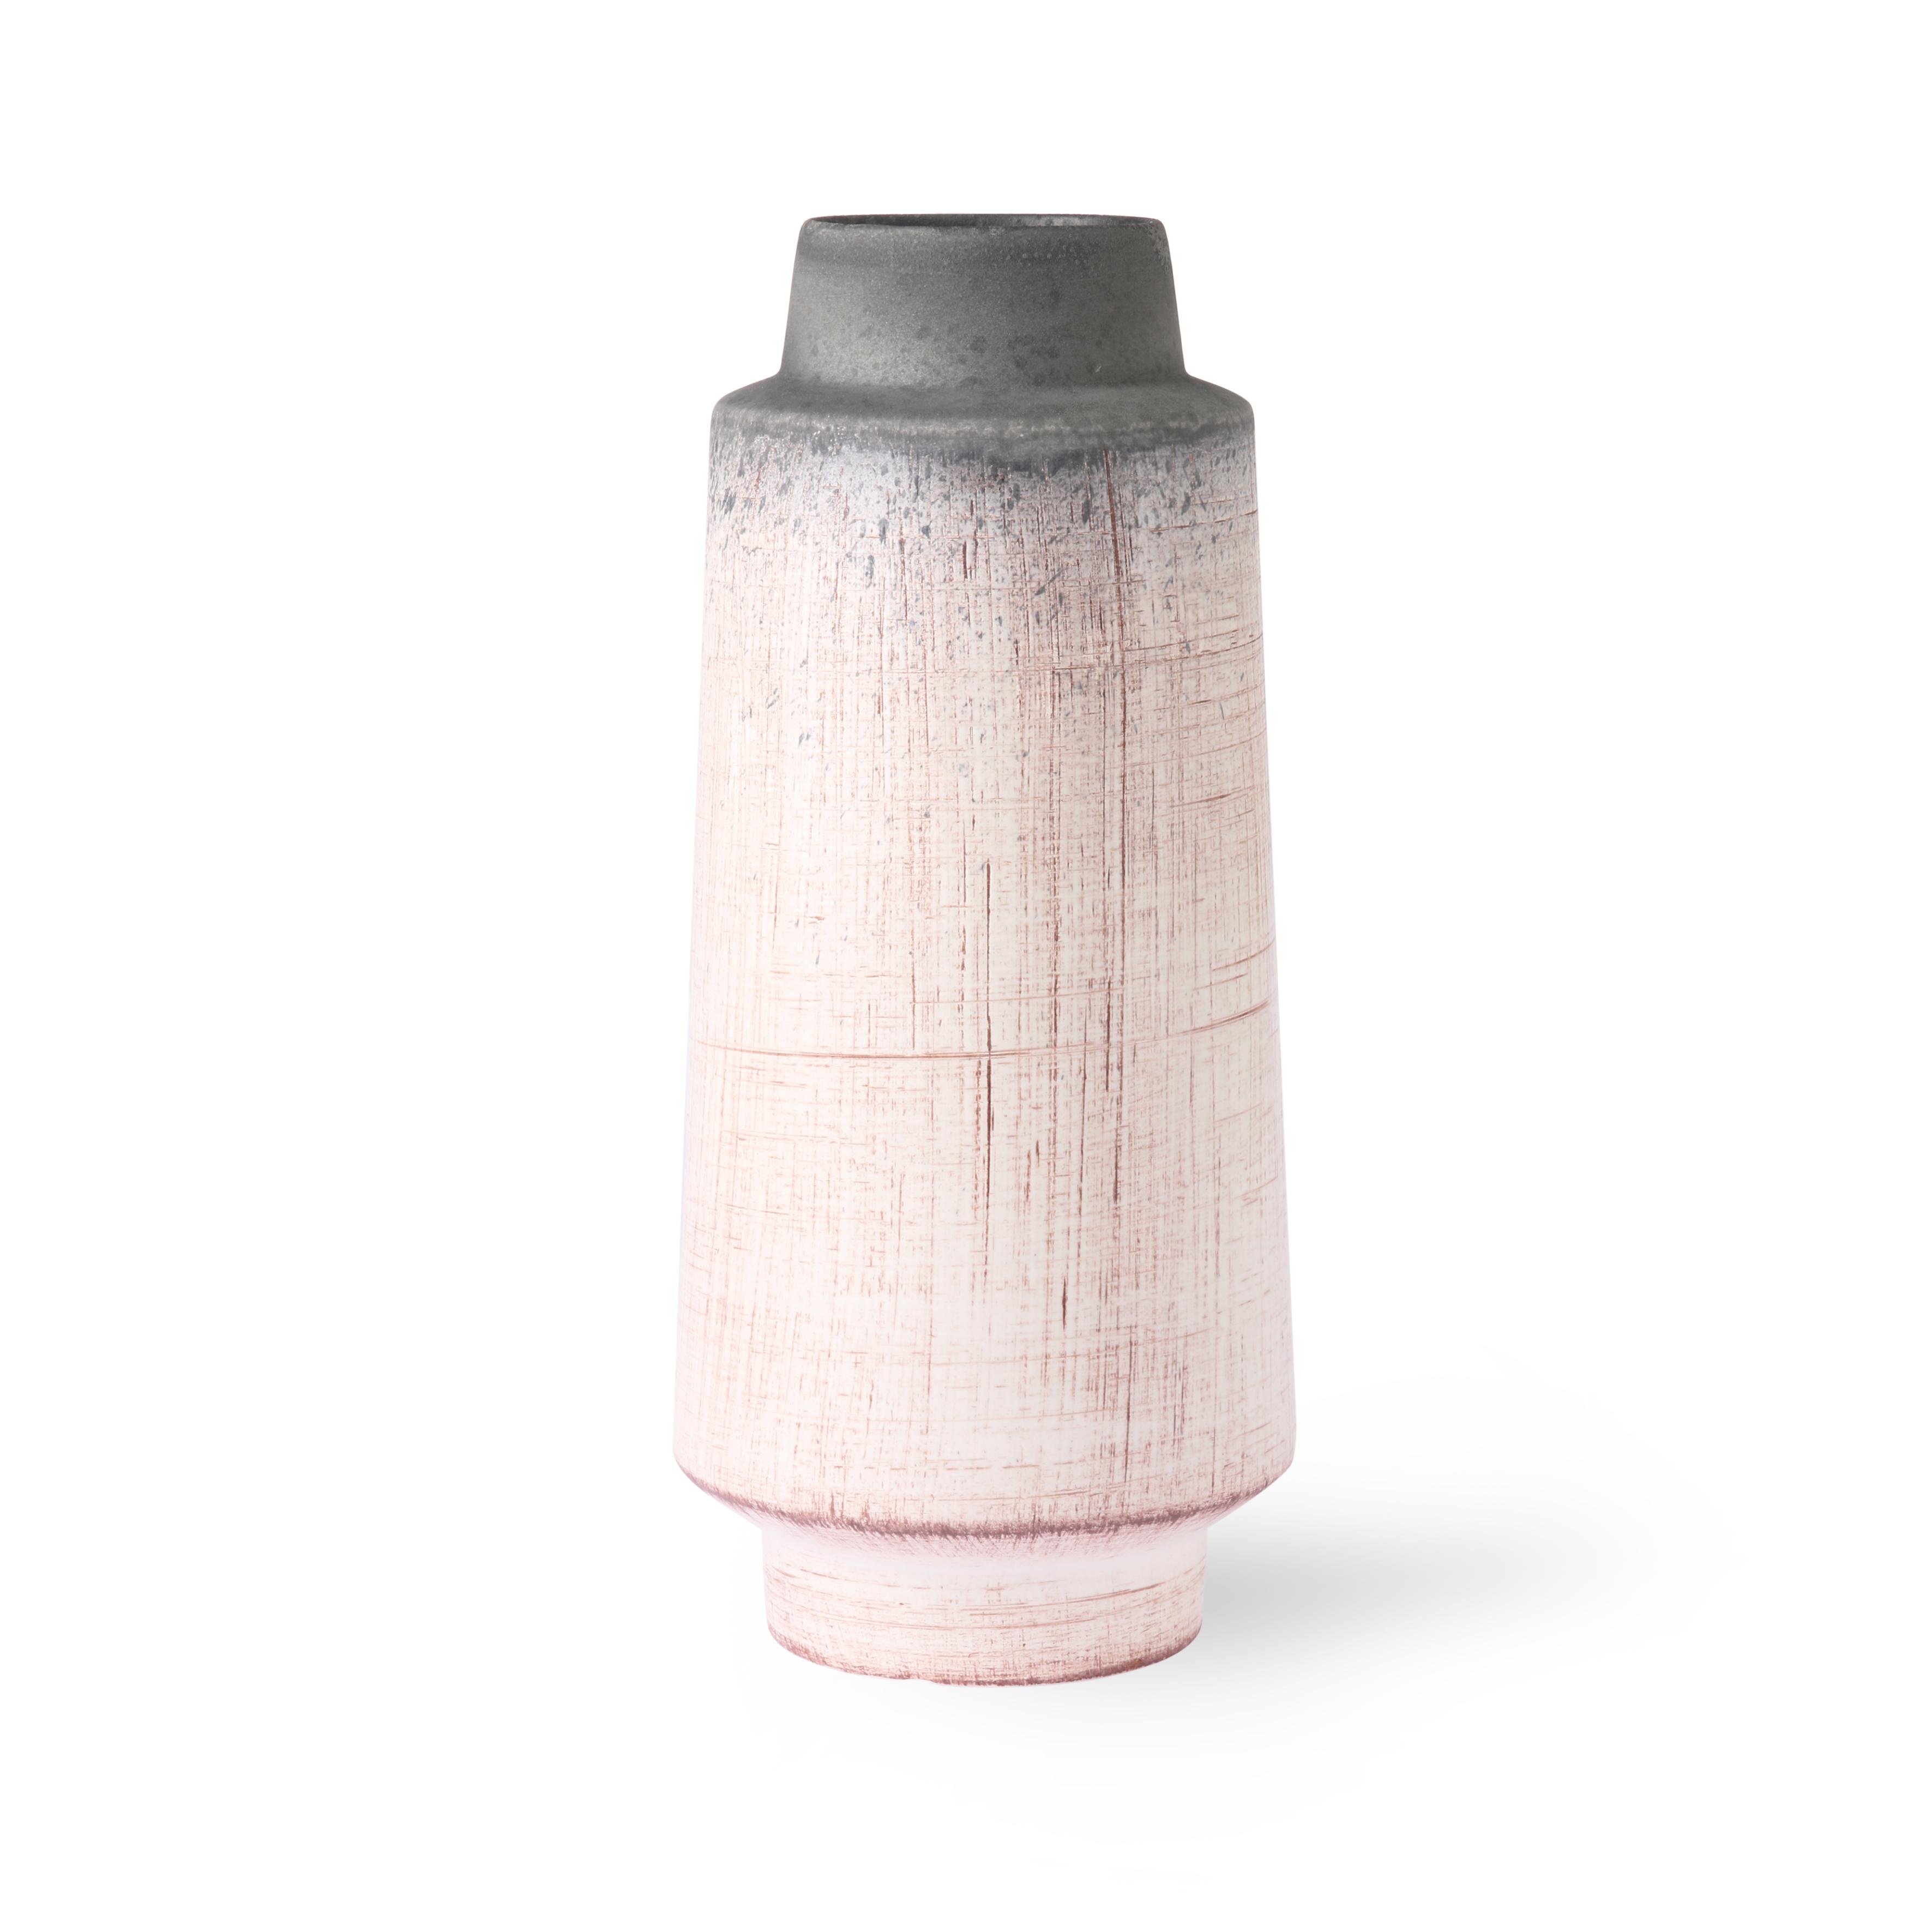 Ceramic vase brown/natural